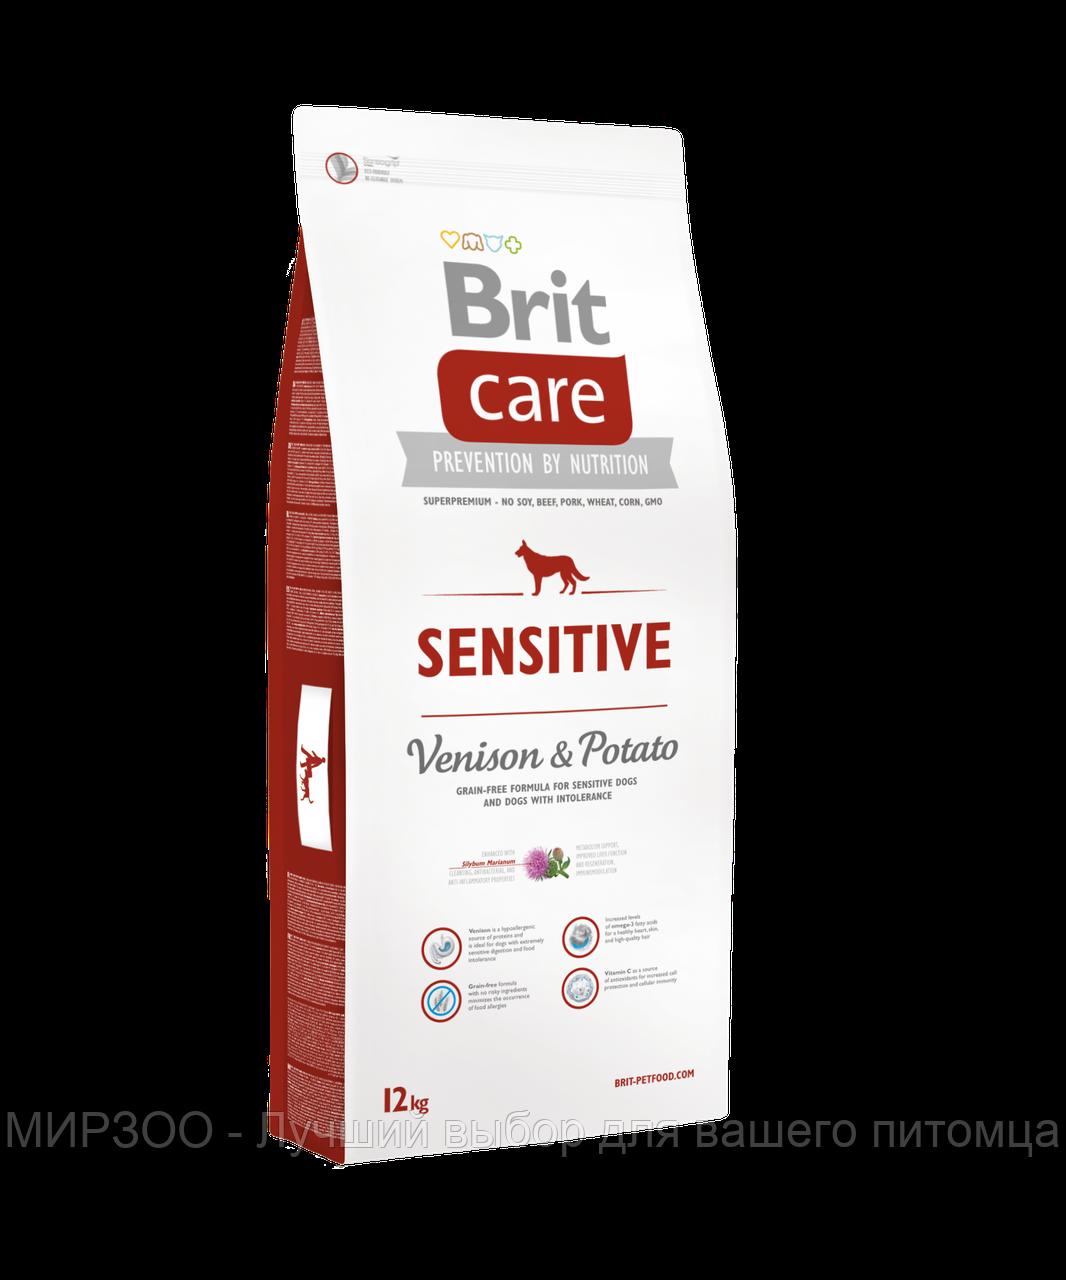 Сухой корм Brit Care Sensitive Venison & Potato Adult гипоаллергенный для собак с олениной и картошкой 12 КГ